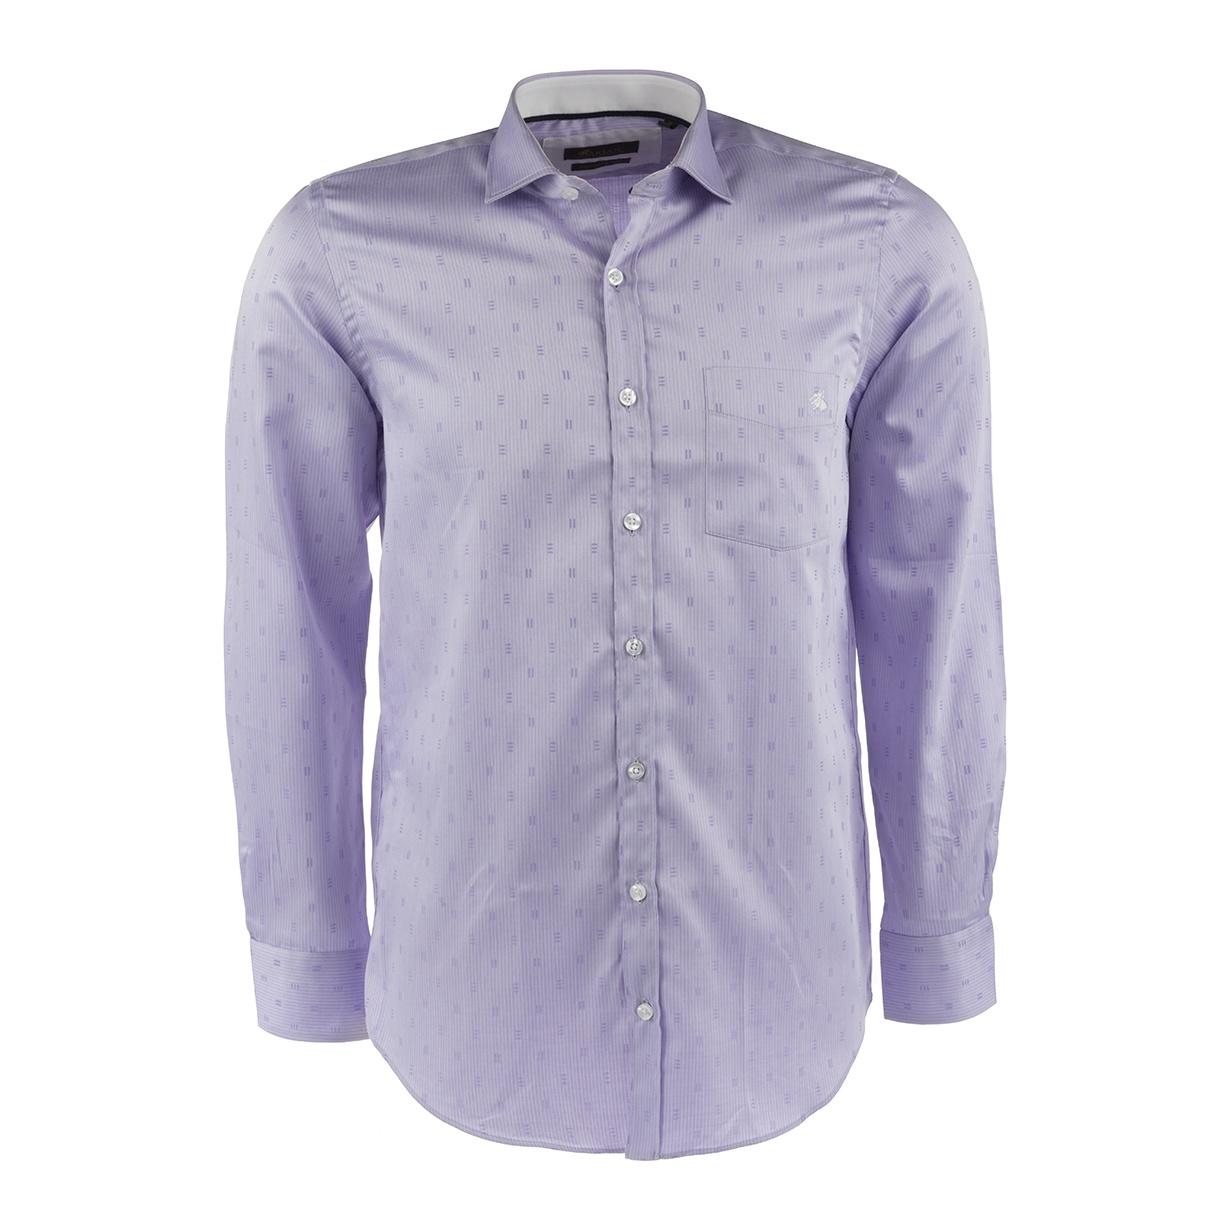 پیراهن مردانه آرین جین مدل 1611100-63